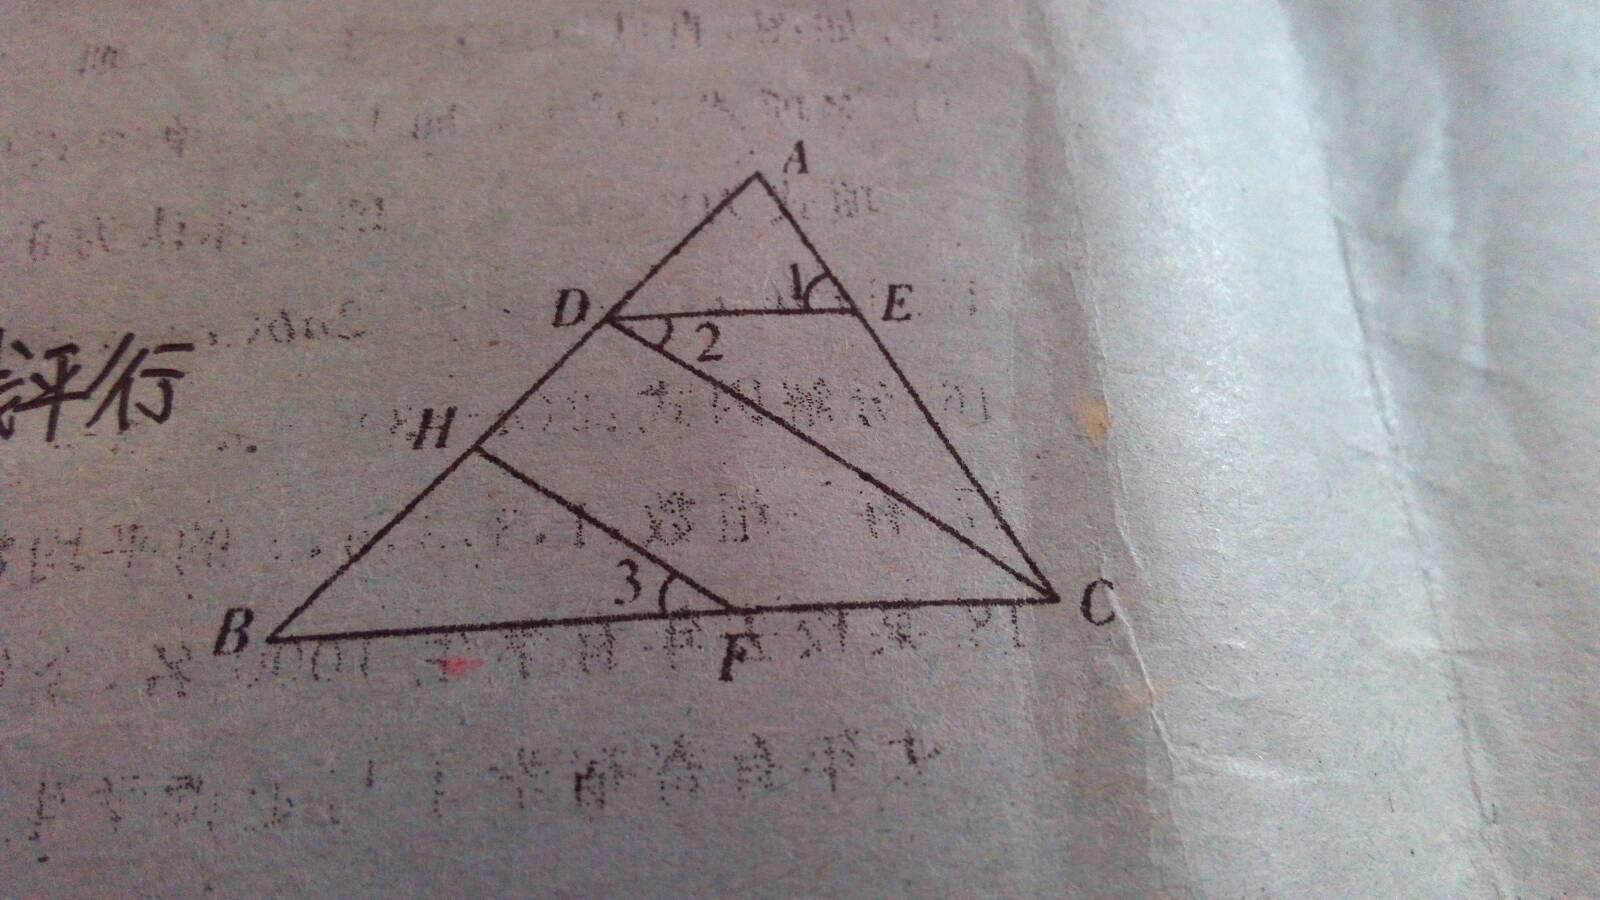 1 2010-10-04 初一的一道数学题,看图片上 1 2011-01-16 初一几何数学图片